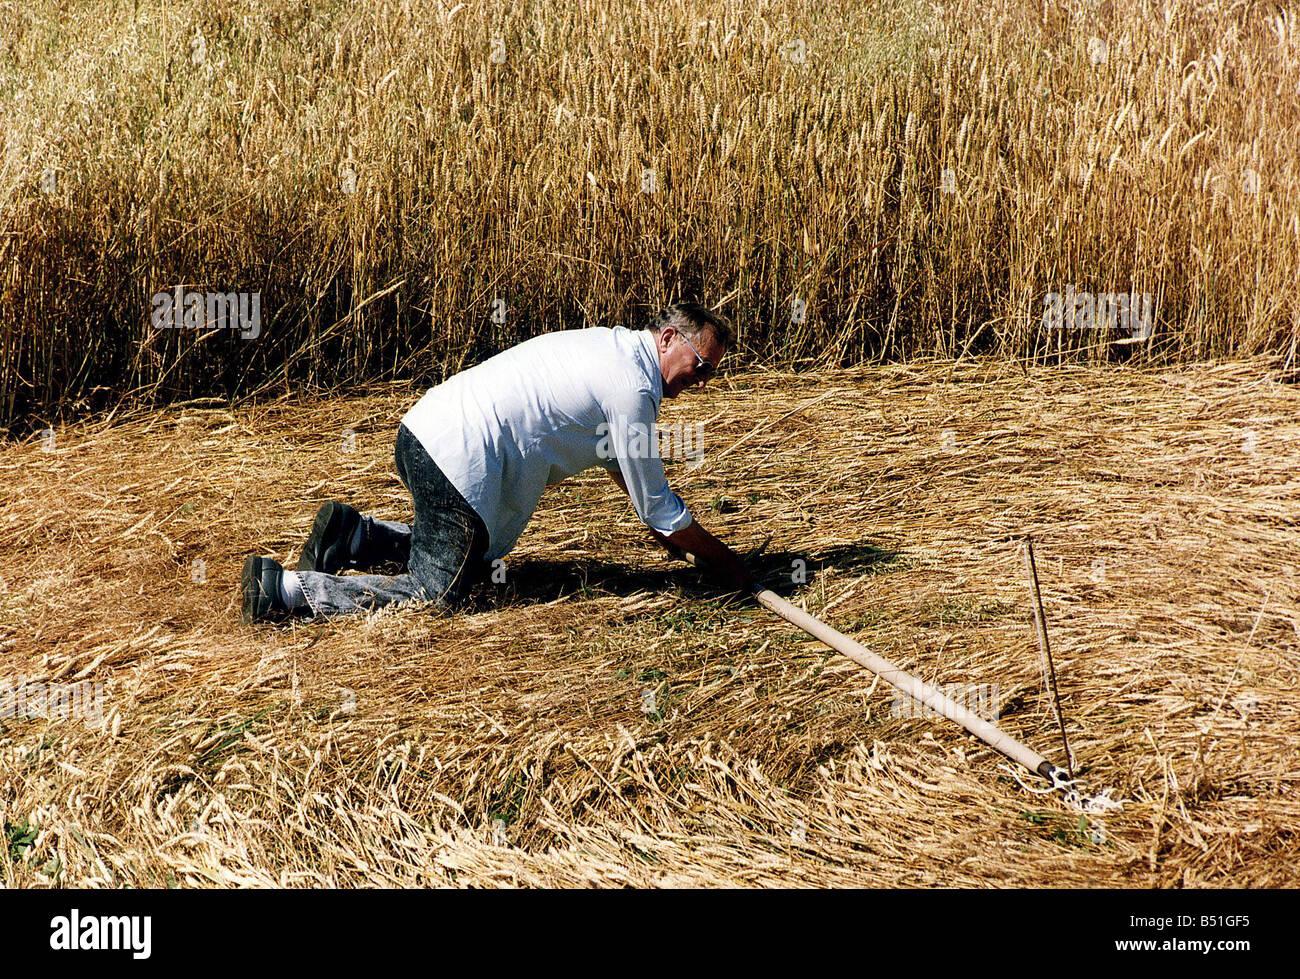 Mysteries Crop Circles fake man making circle - Stock Image